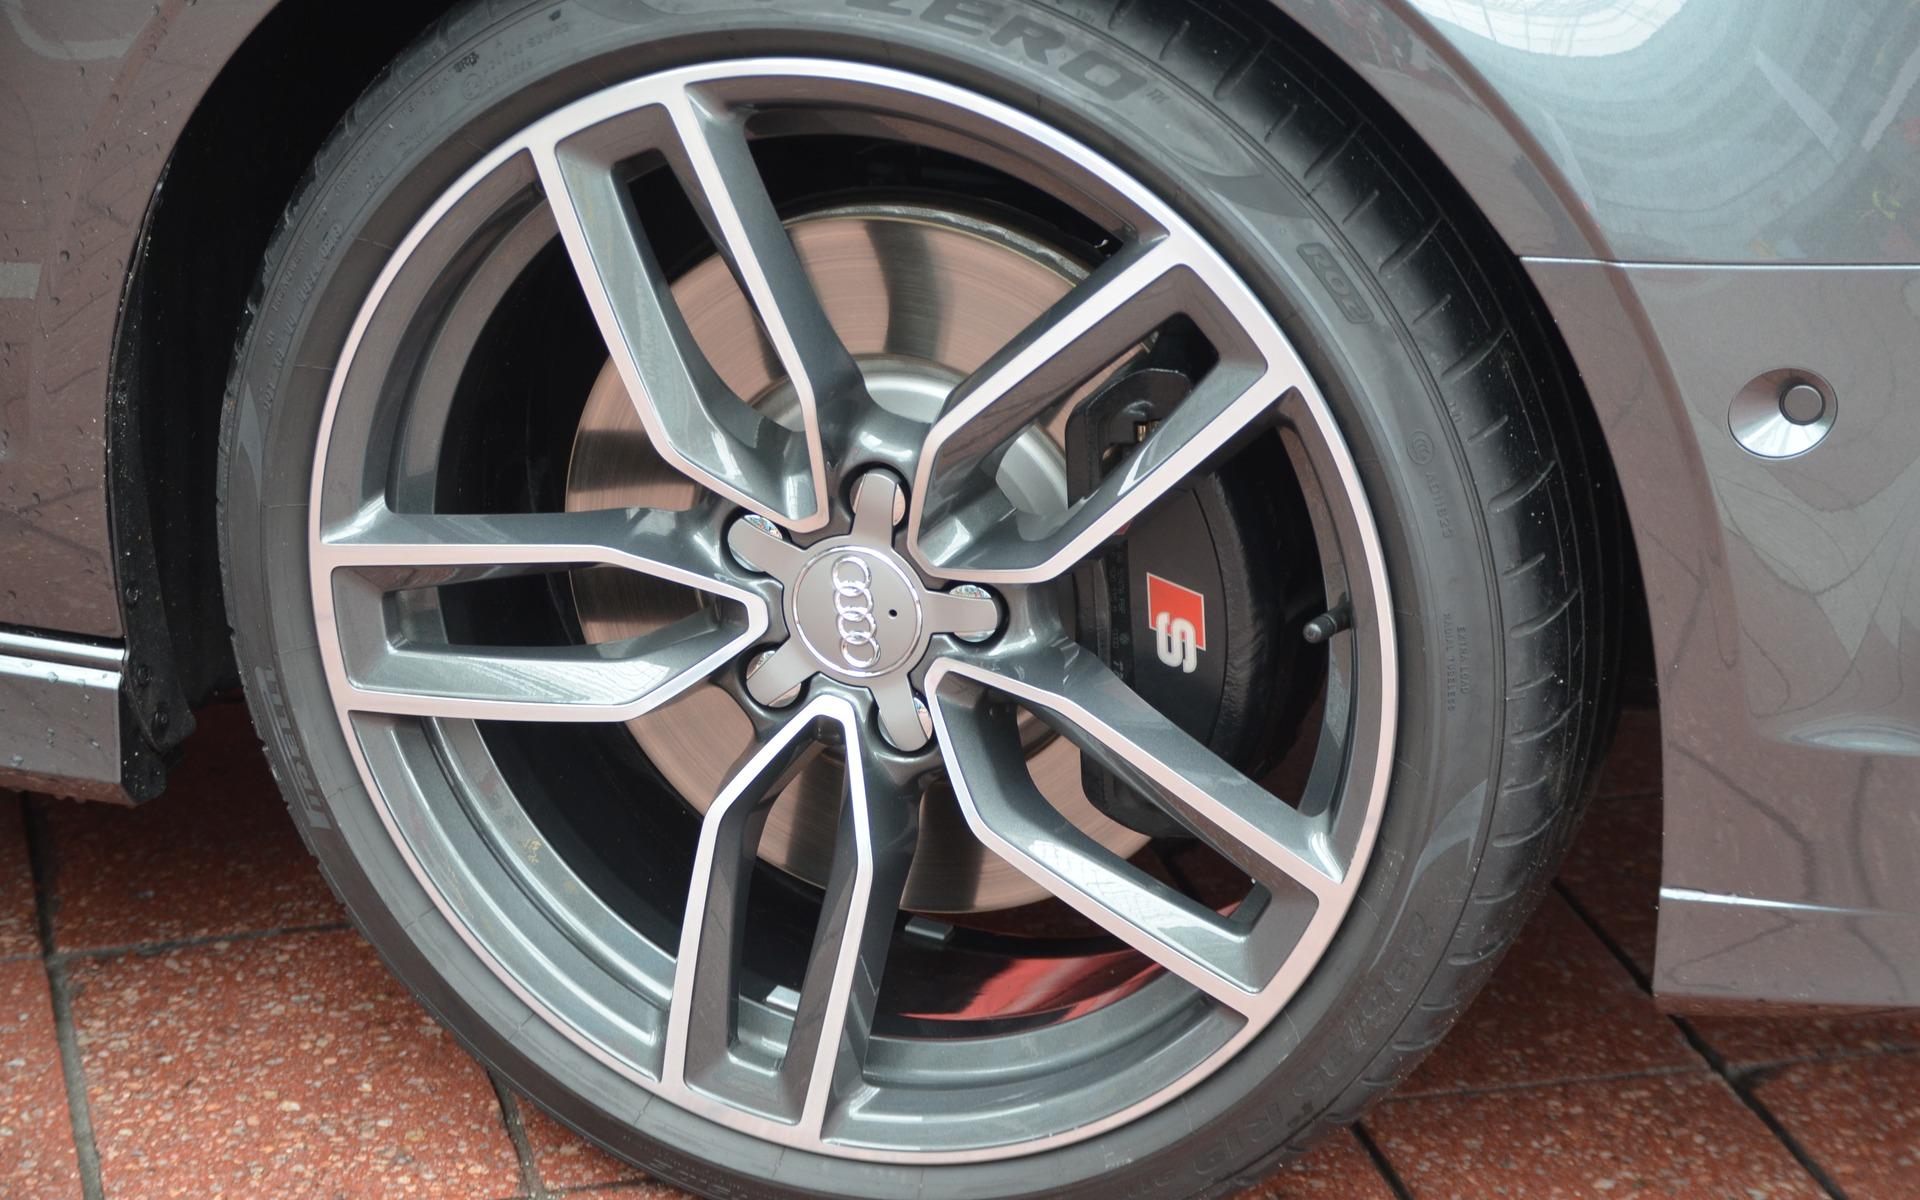 Même s'il s'agit d'une S3, les disques de frein ne sont pas ventilés.